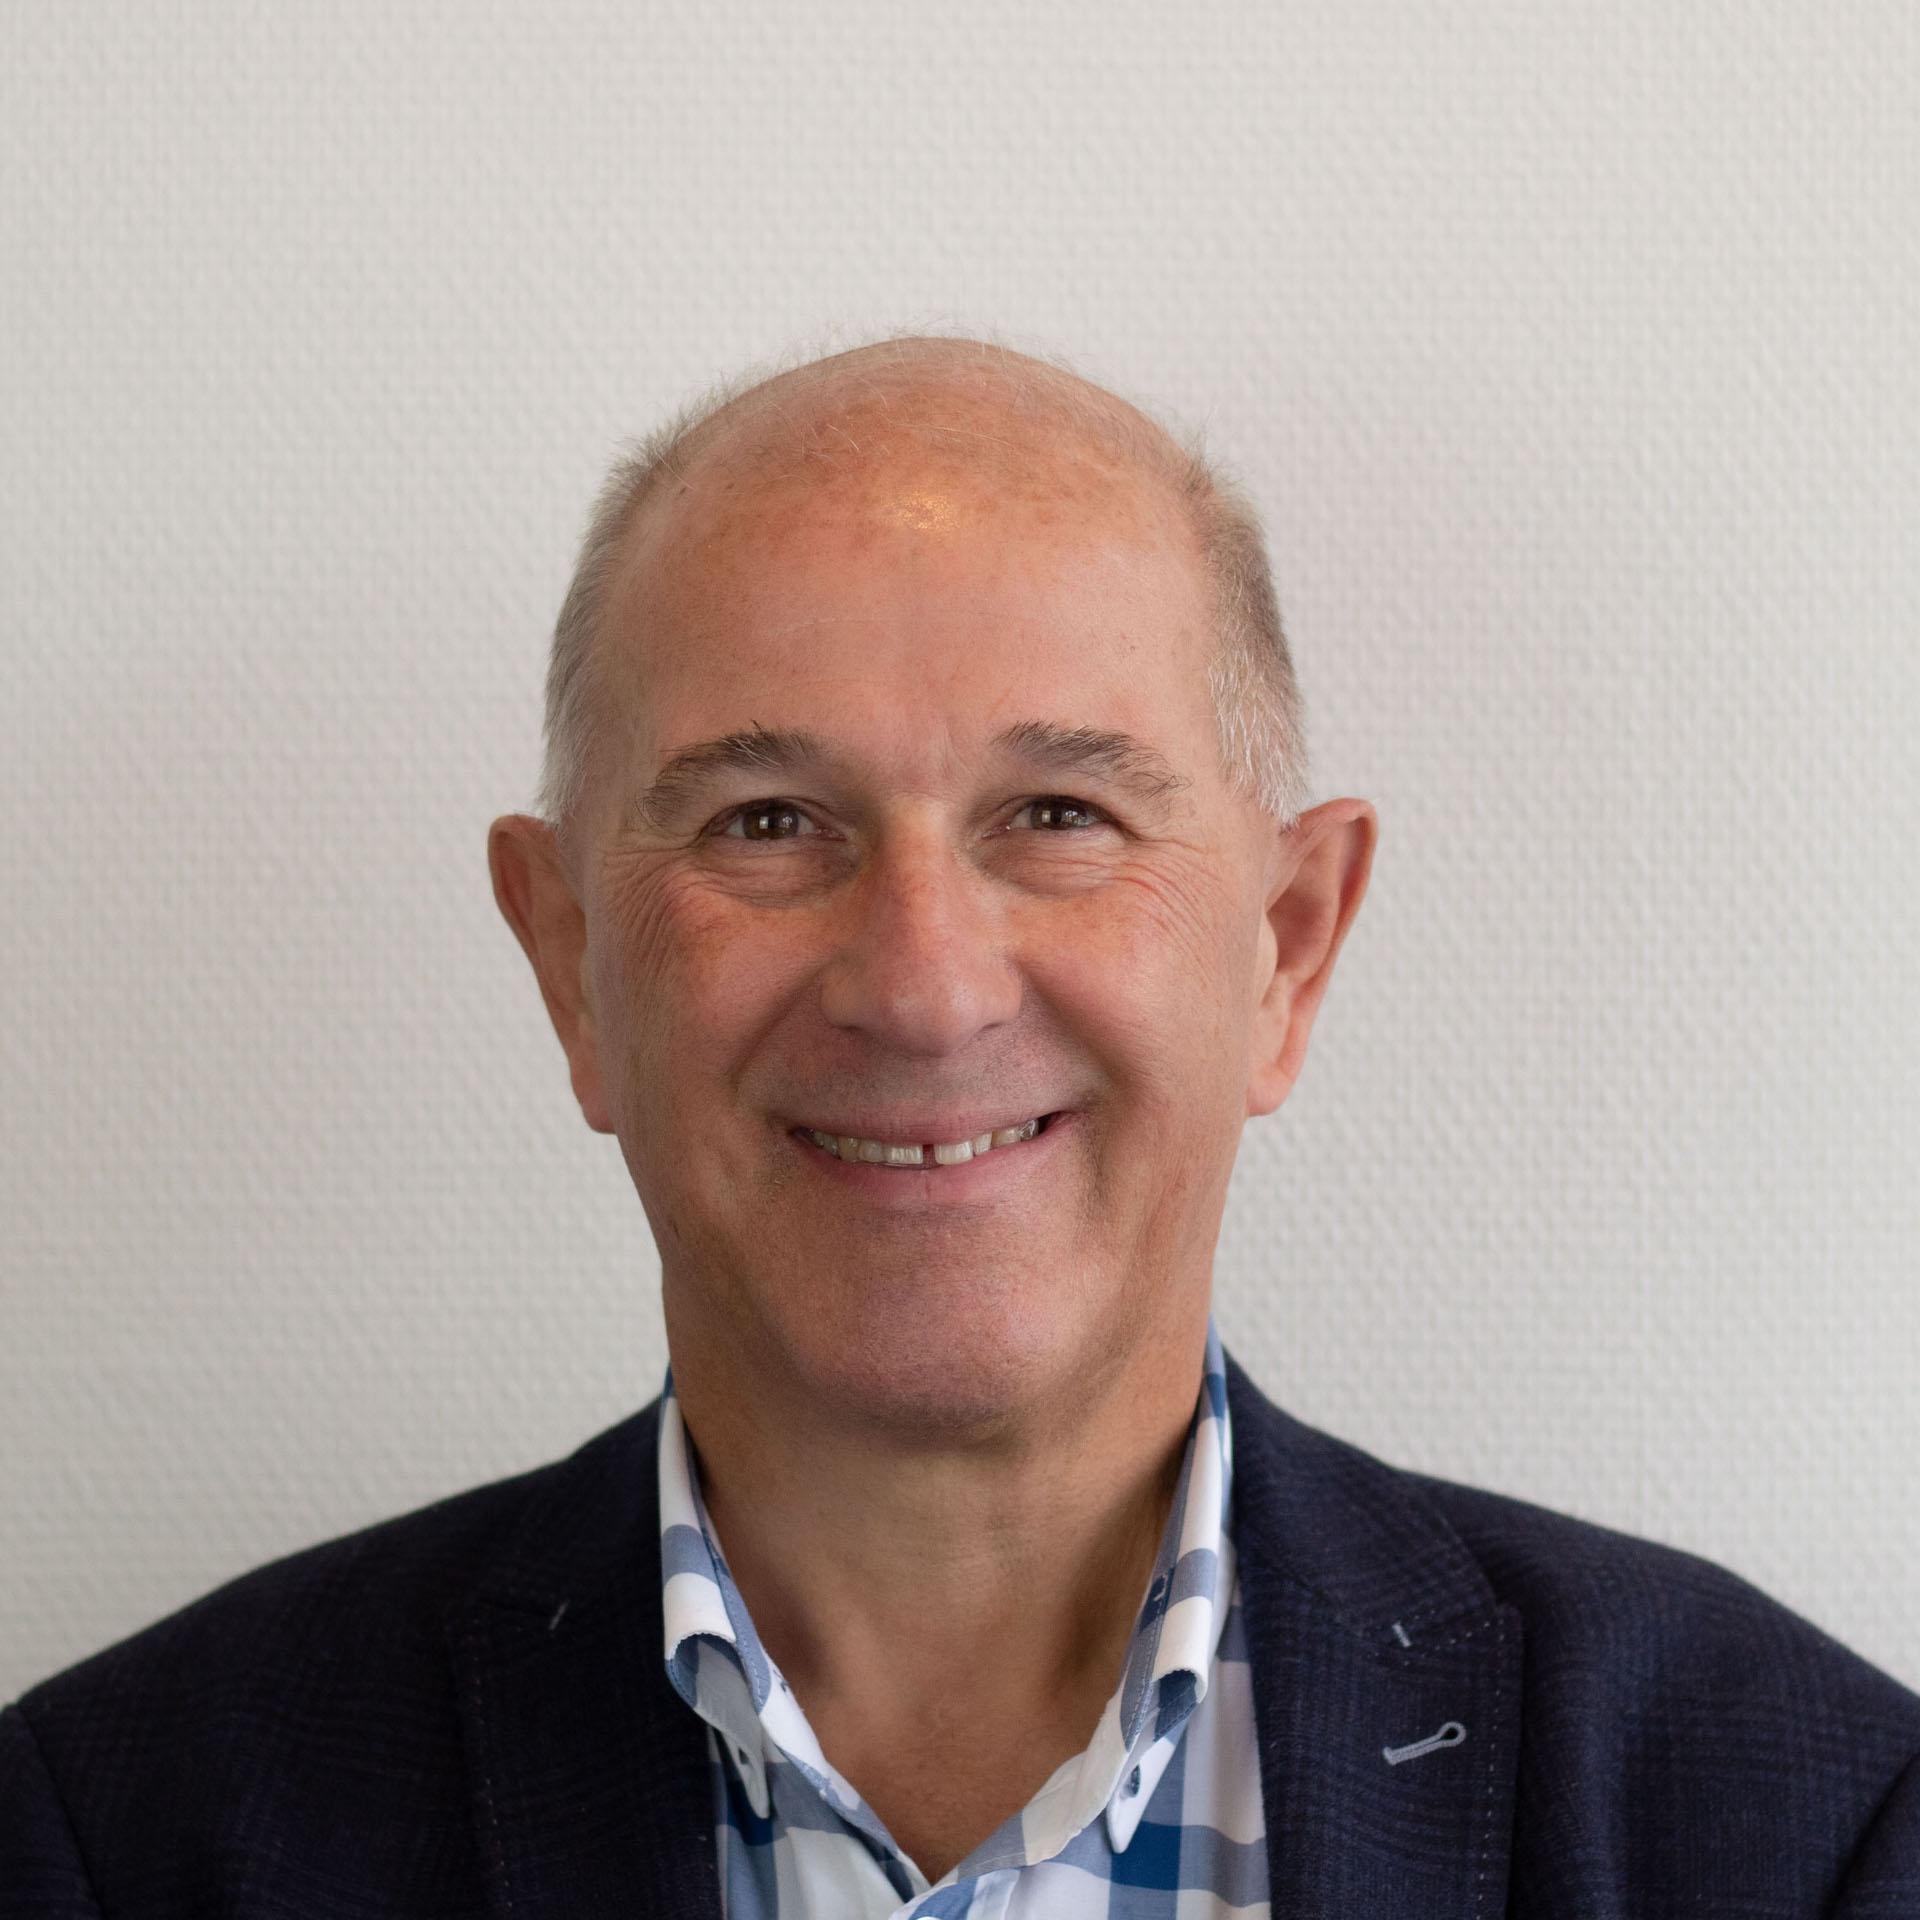 Antonie Strijbosch